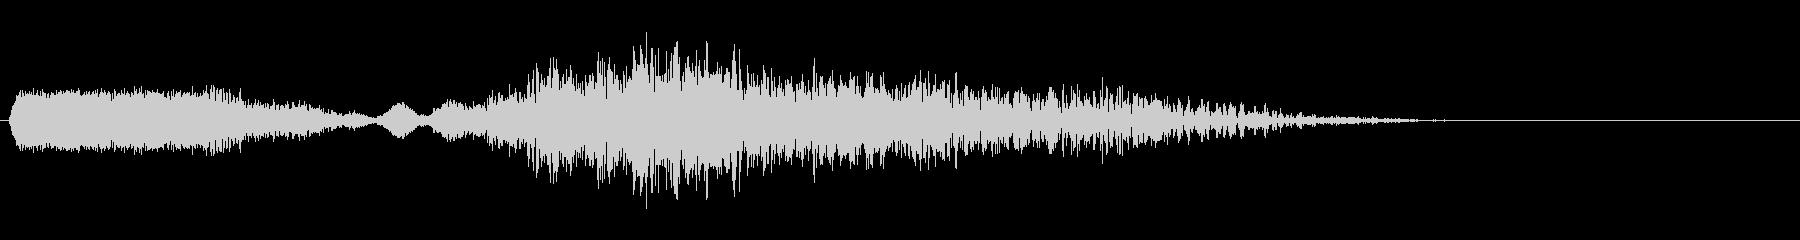 ロボットのバーニアブースト音。の未再生の波形